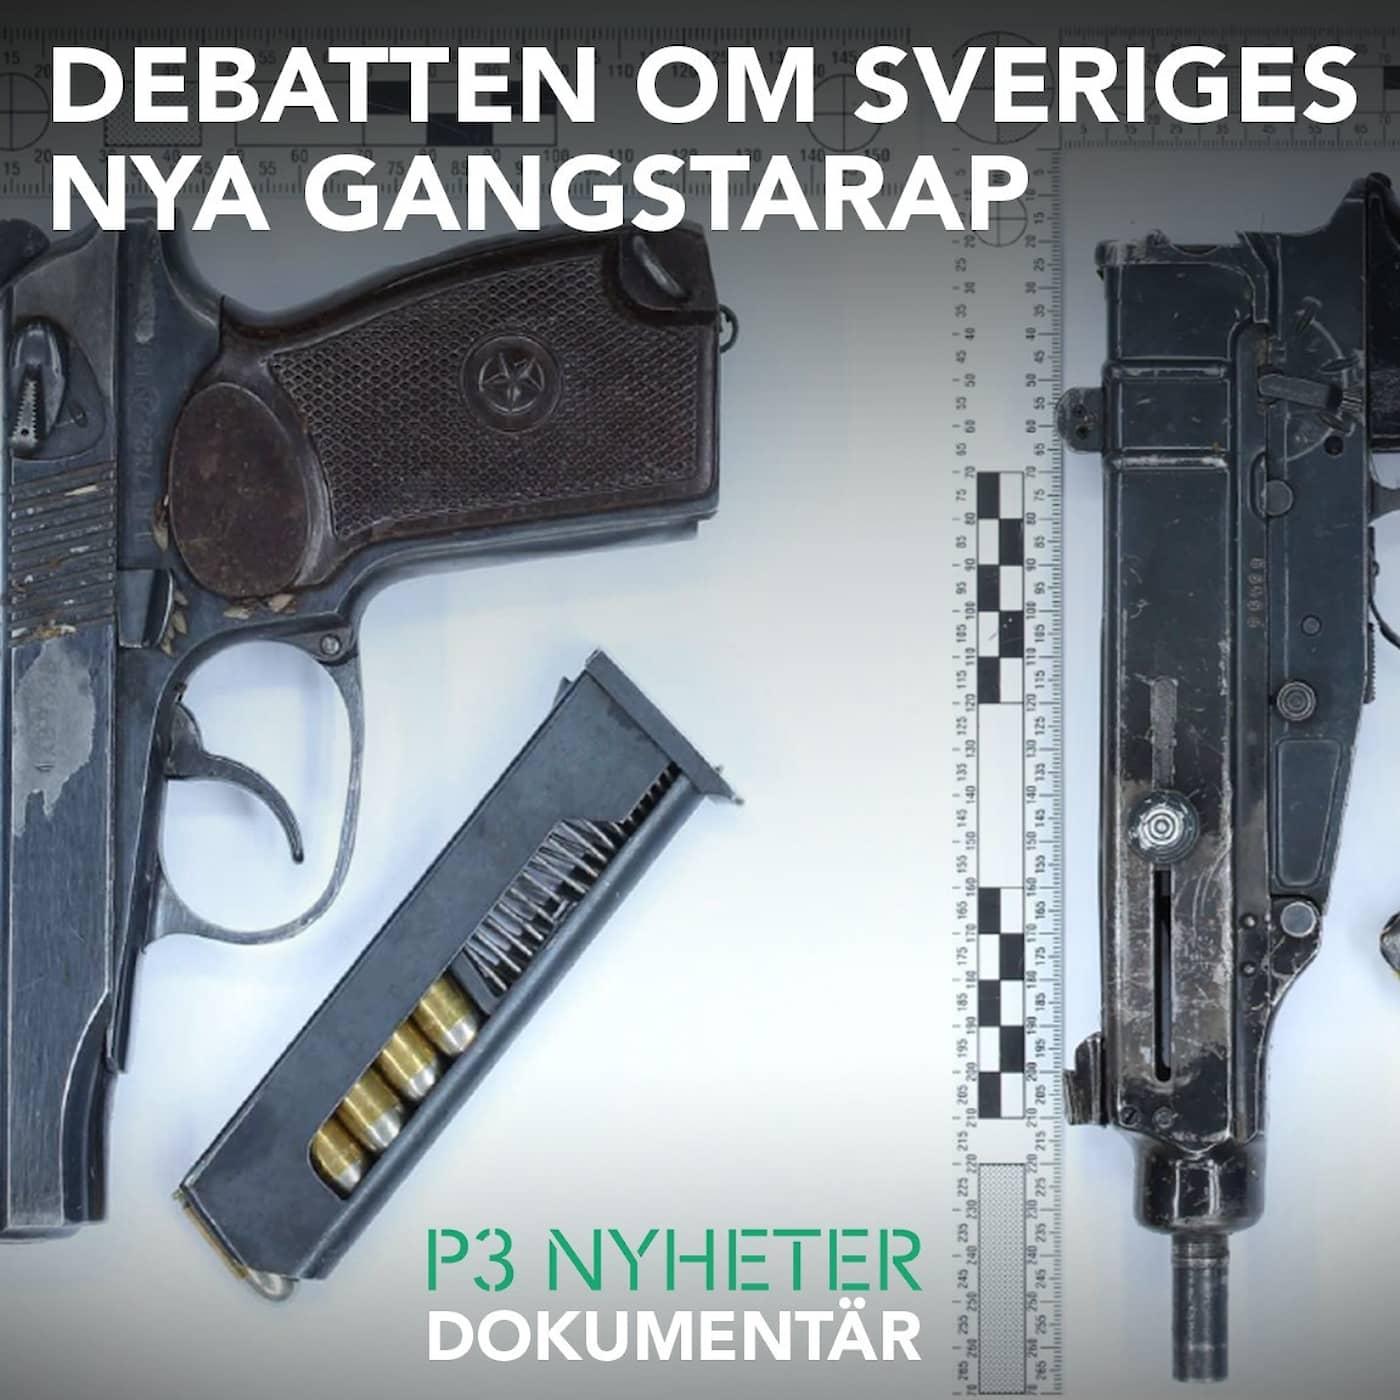 Debatten om Sveriges nya gangstarap - P3 Nyheter Dokumentär